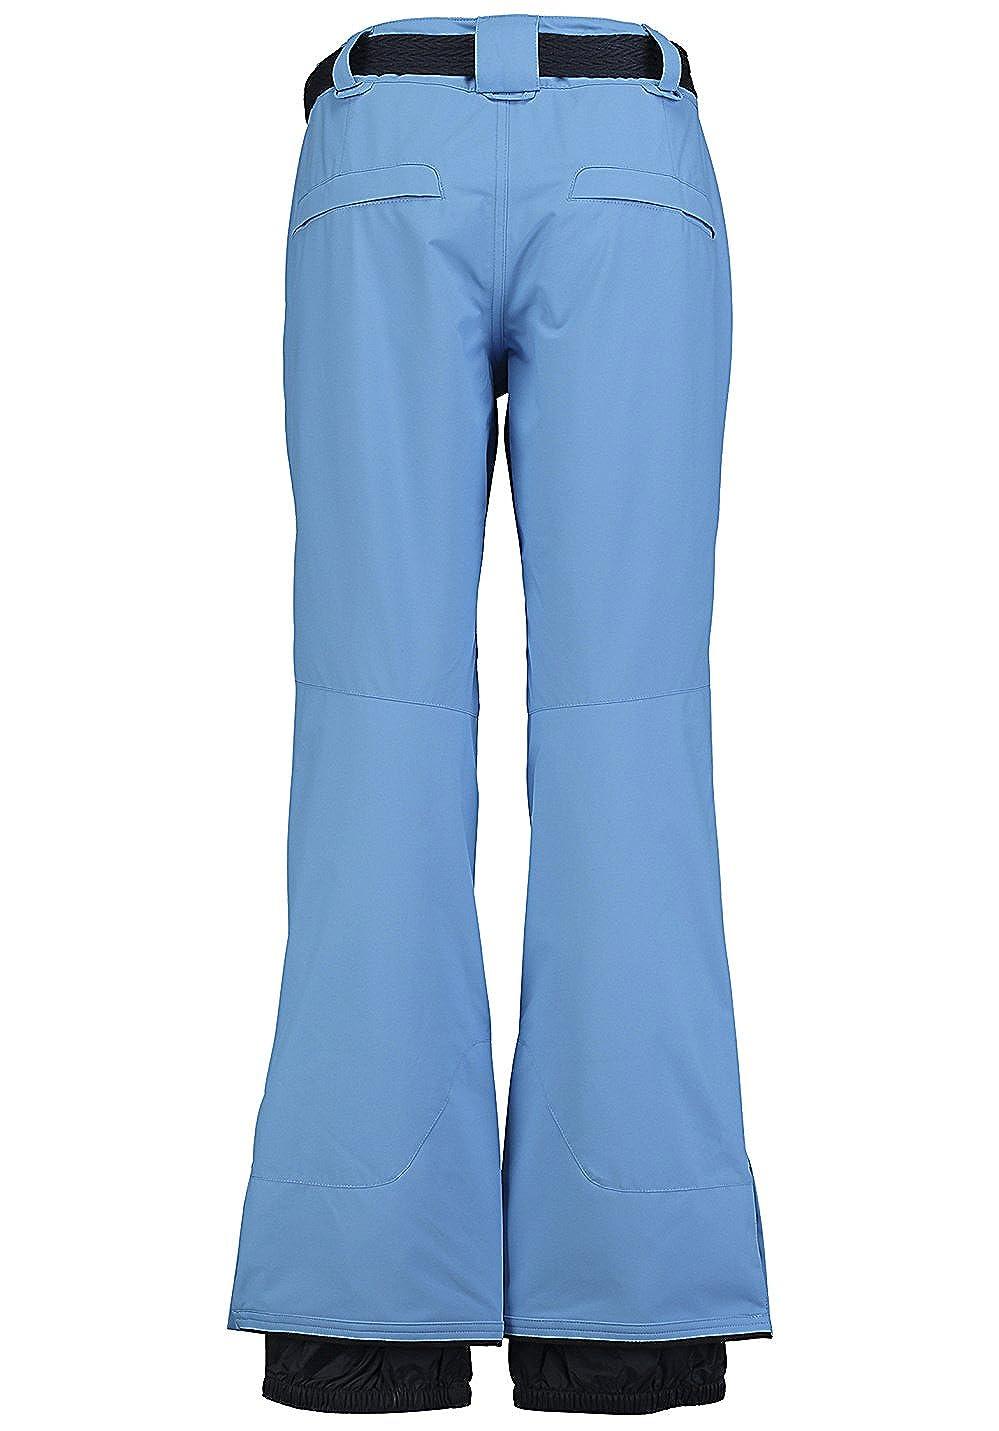 Pantaloni sci donna 【 SCONTI Marzo 】 | Clasf